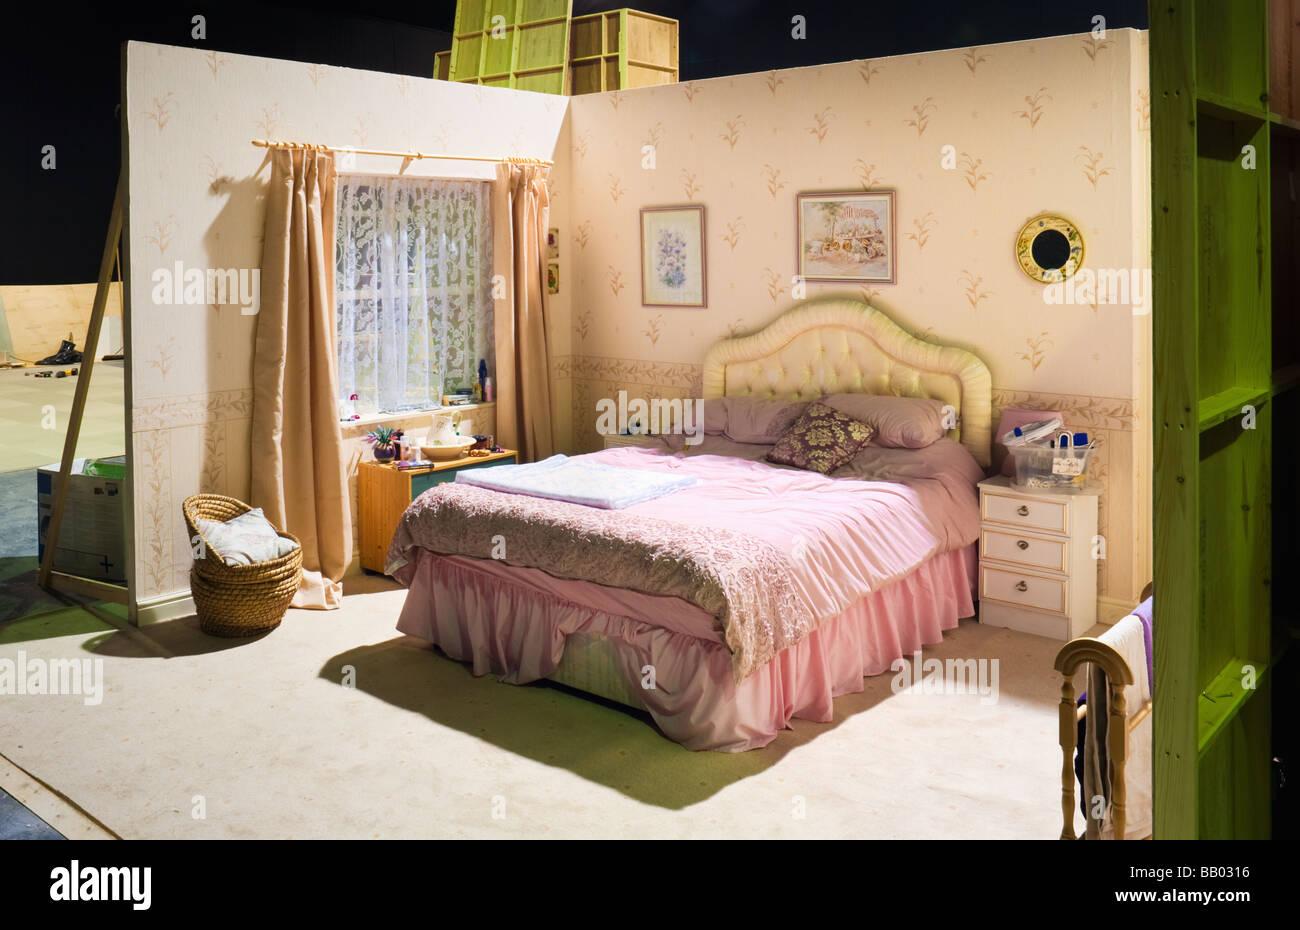 Studio de télévision - mise en scène - ensemble de paysages ressemblant à une chambre à Photo Stock